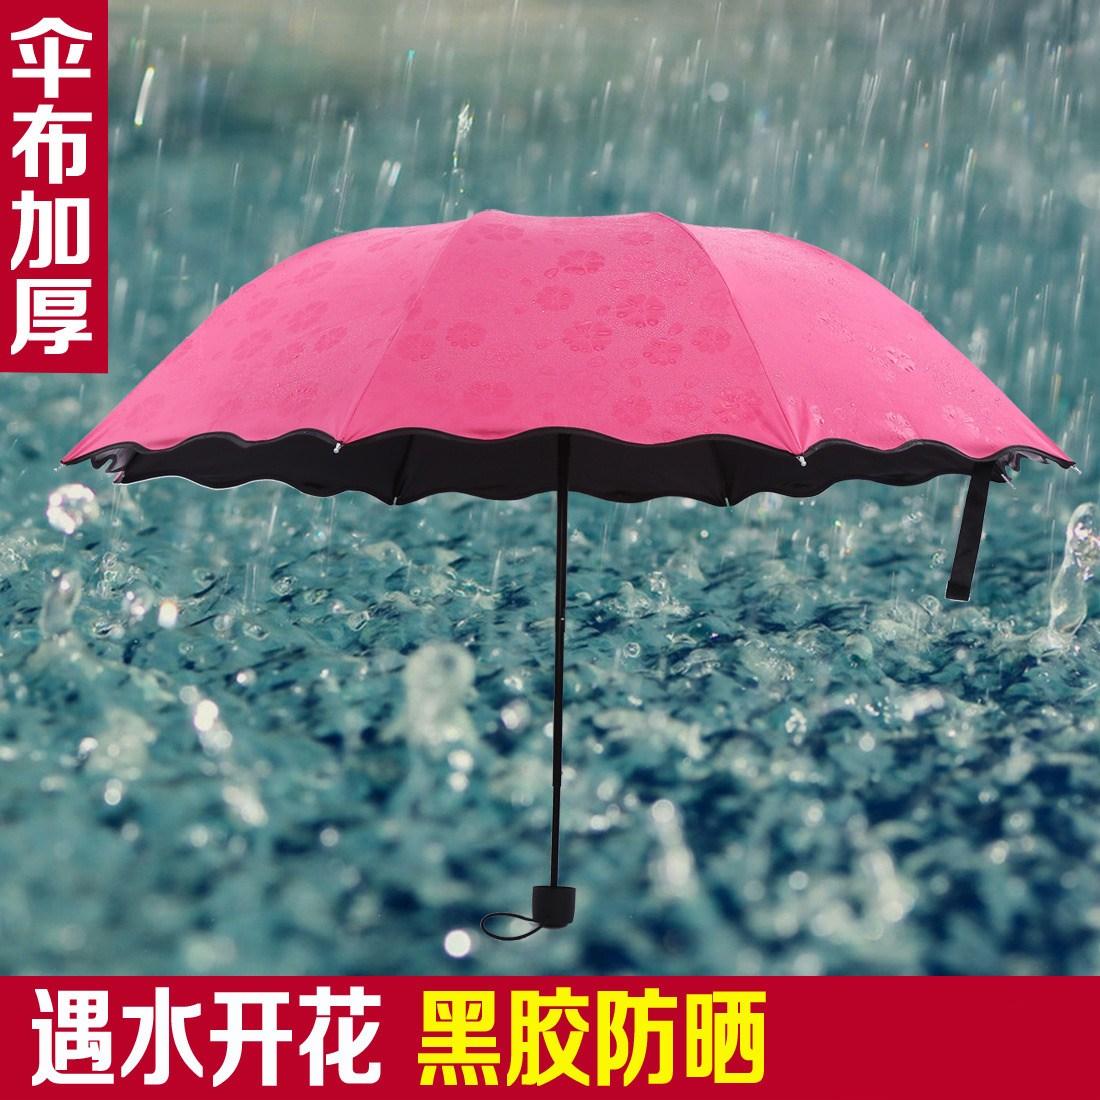 자동우산 Paradise플래그샵 홈페이지 전자동 양산 더블층 자외선차단 차양 여자양우산